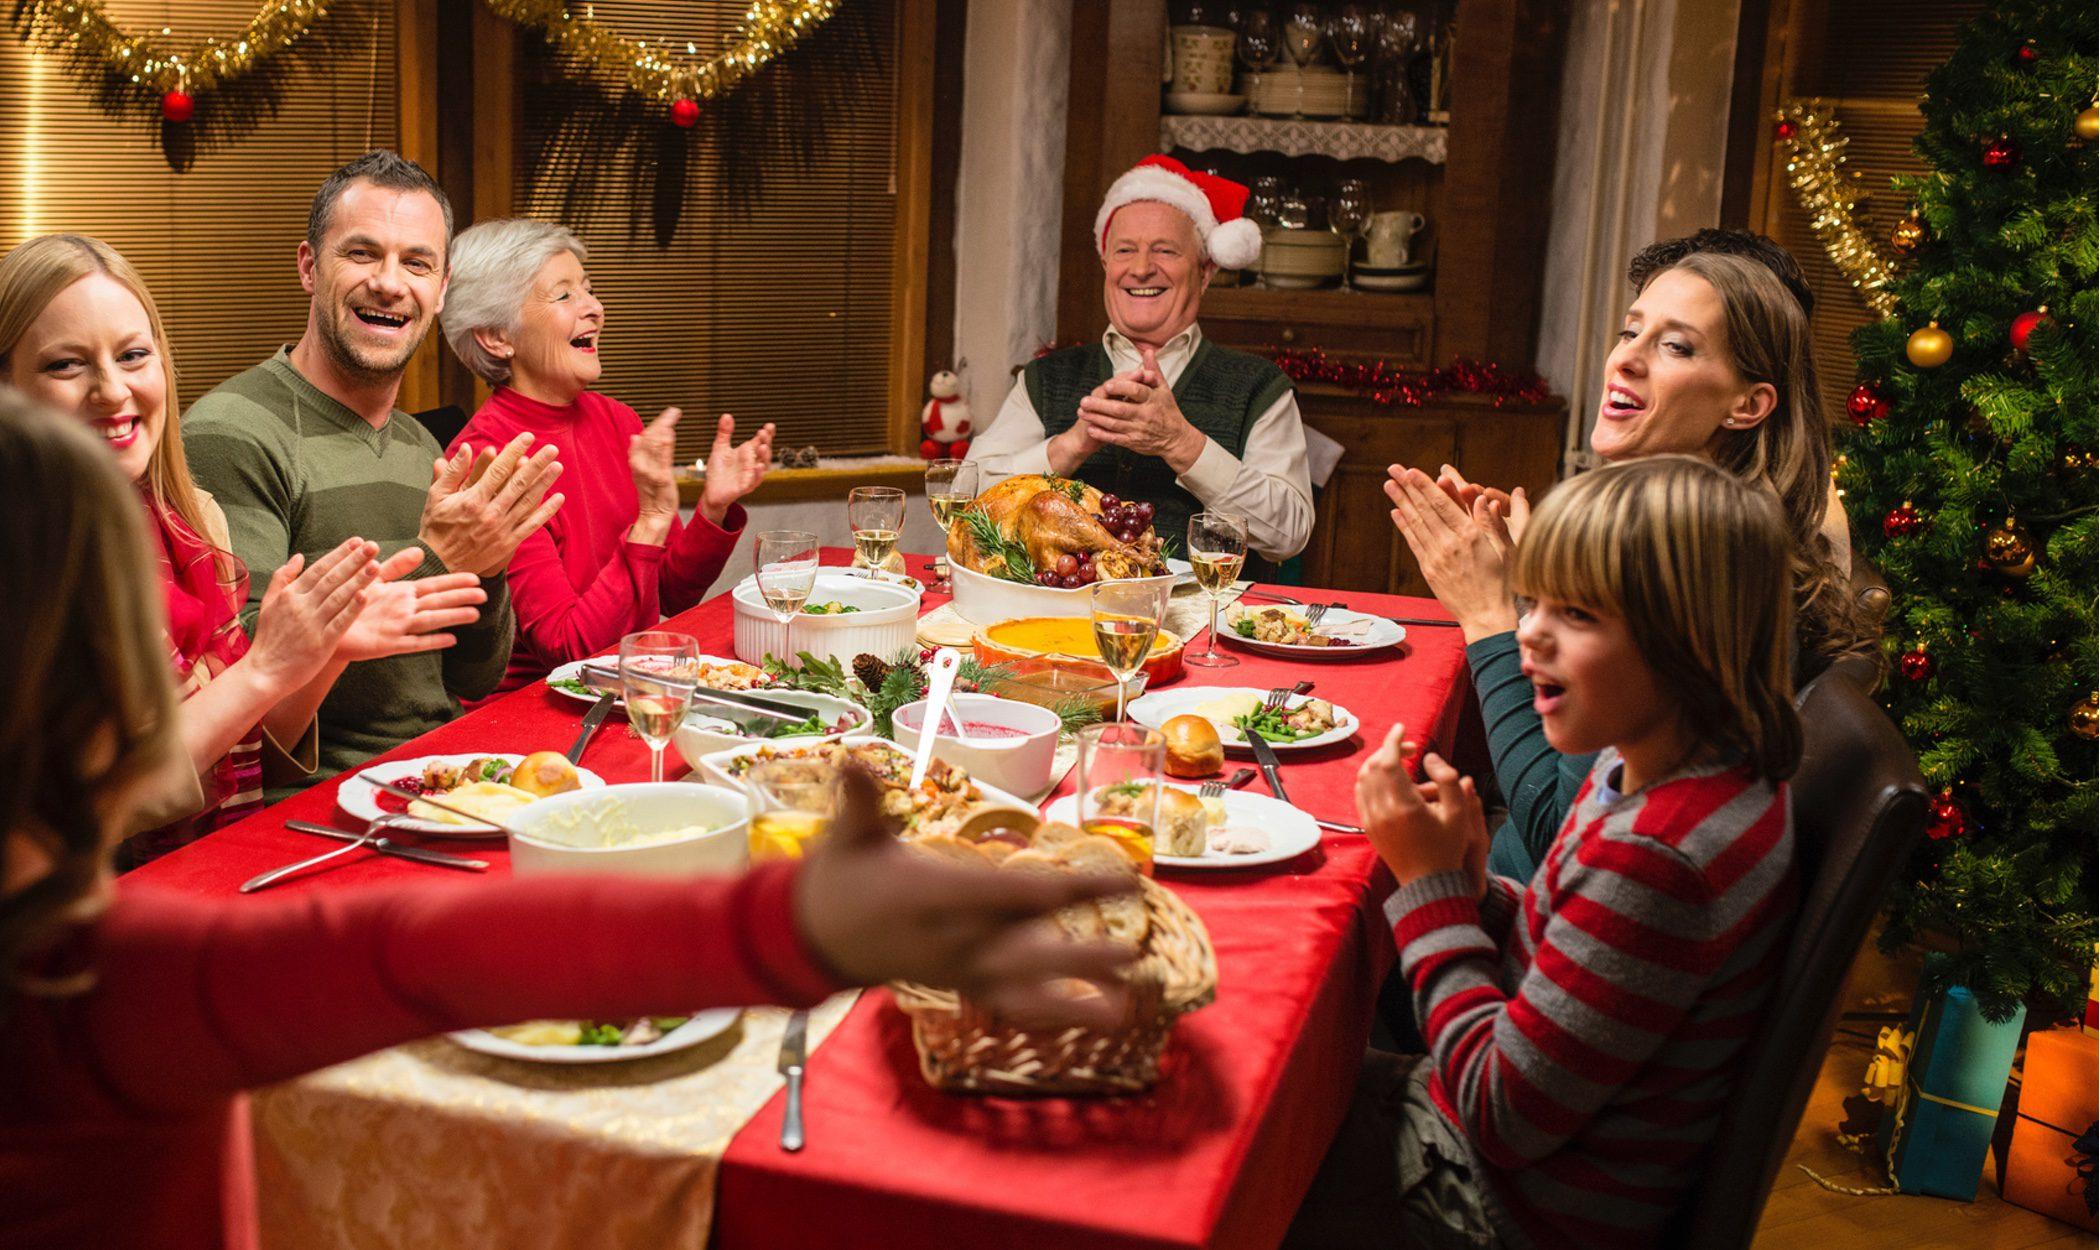 Plan sanitario para Navidad: reuniones de 6 personas y toque de queda